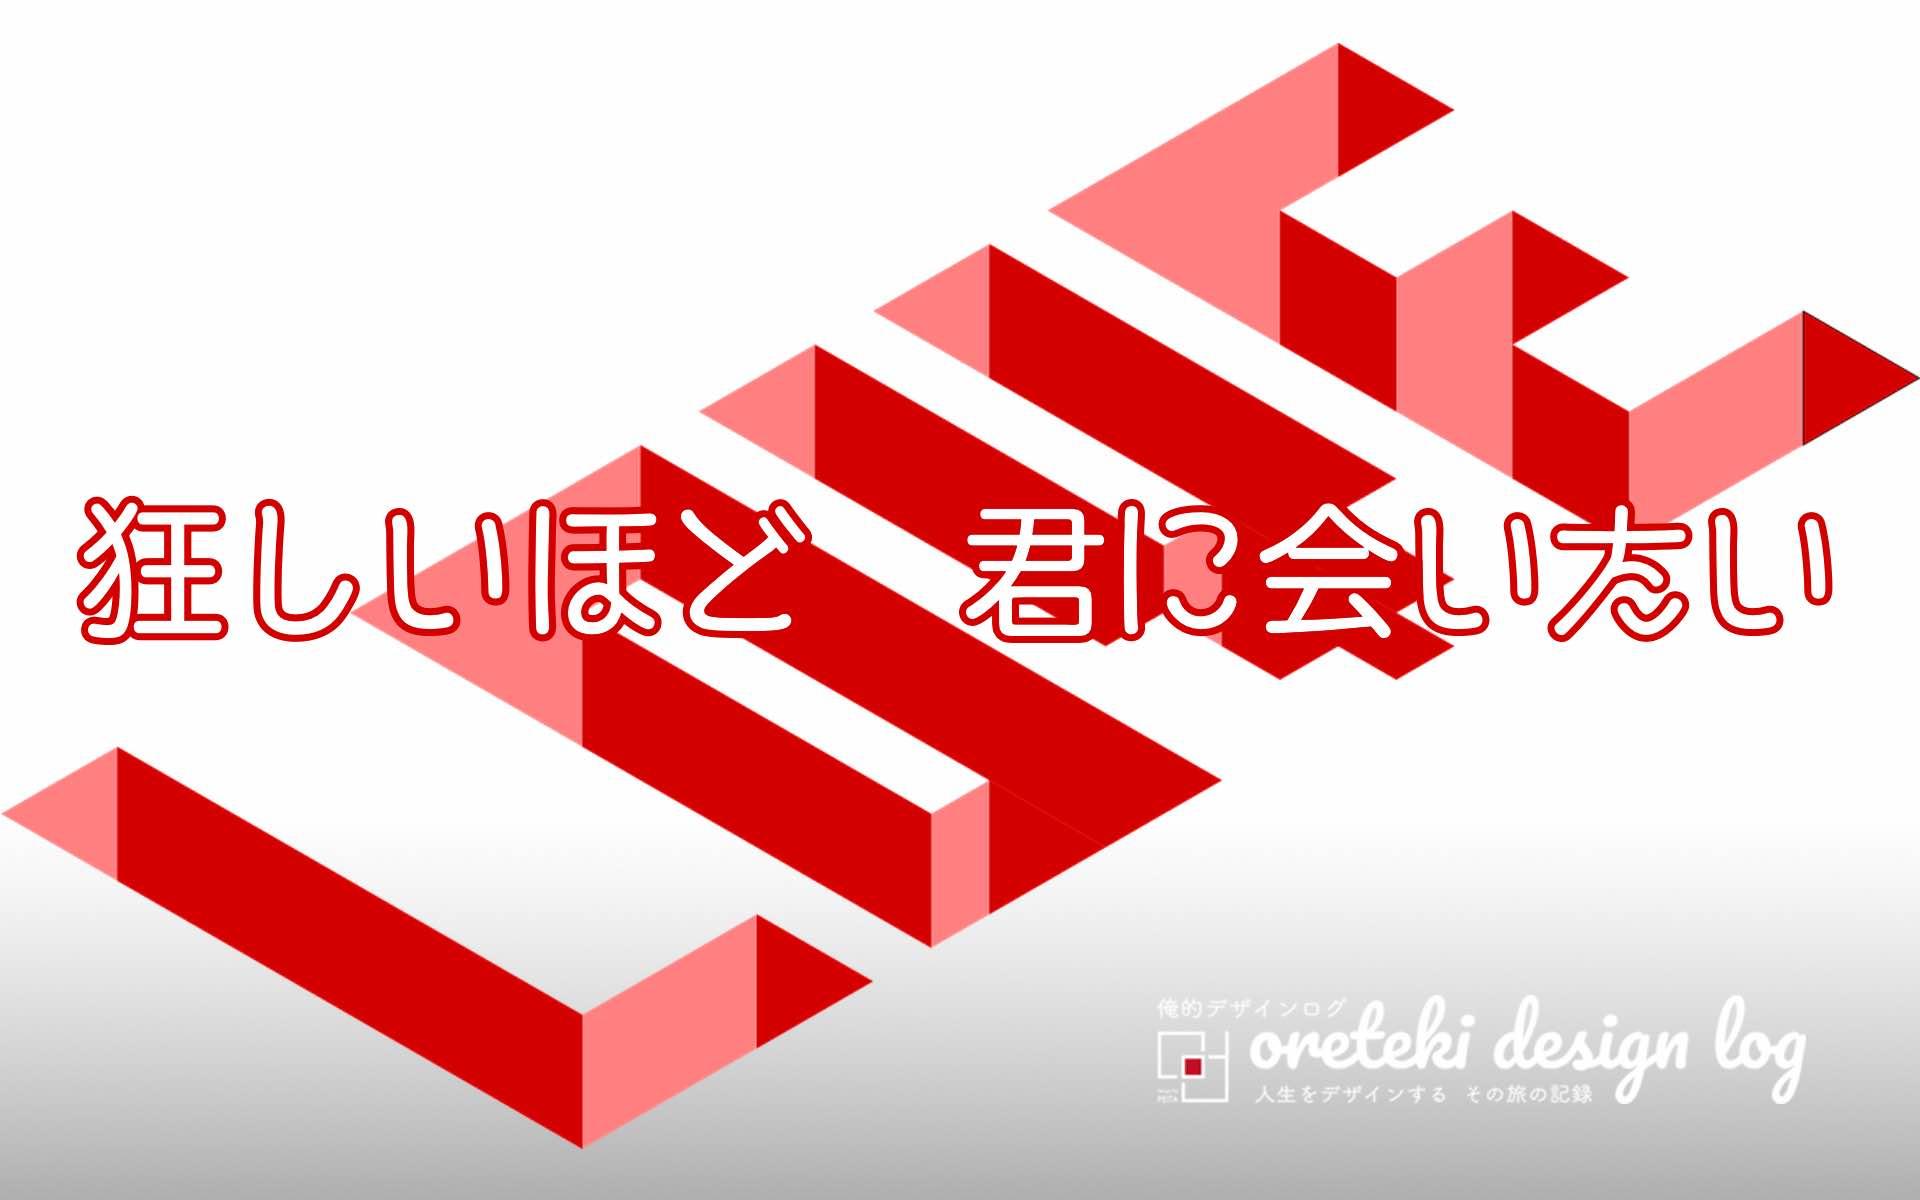 あんちゃ本の紹介記事のアイキャッチ